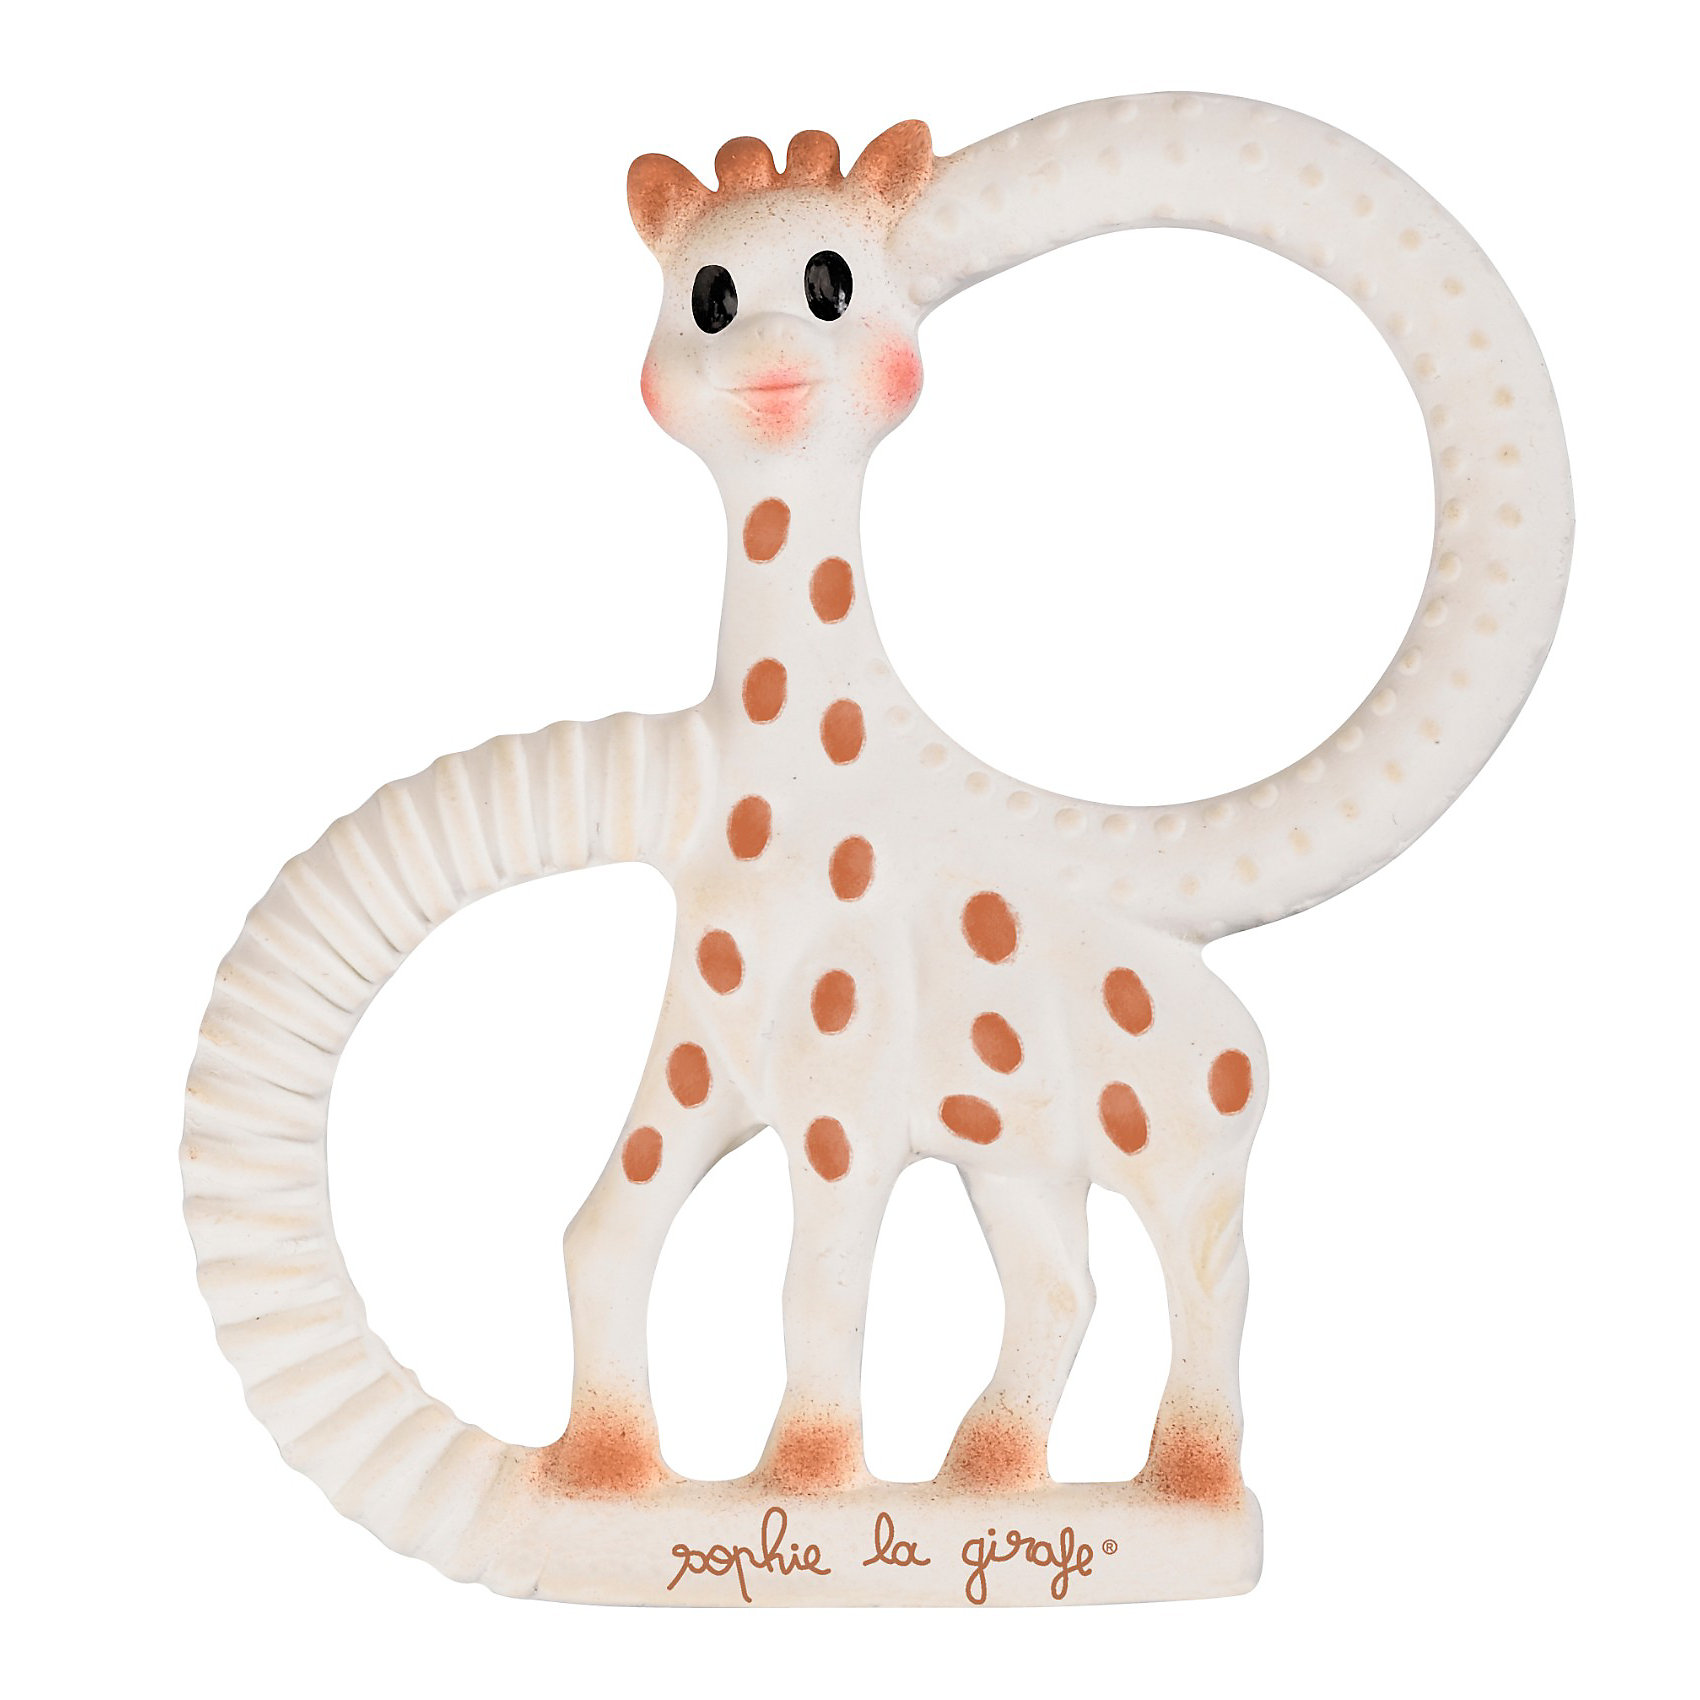 Прорезыватель Жирафик Софи, VulliПрорезыватель Жирафик Софи, Vulli (Вулли).<br><br>Характеристики:<br><br>• Материал: 100% натуральный каучук<br>• Размер: 12х10 см.<br><br>Миниатюрная версия Жирафика Софи – прекрасное дополнение к основной игрушке. Ребенок может держать прорезыватель двумя или одной рукой за специальные «ручки» по бокам. Форма и размеры ручек прорезывателя идеально подойдут для маленьких ладошек малыша. <br><br>Фактурные элементы жирафика и части, которые можно жевать (уши, рожки, ножки) помогут снять зуд с десен в период прорезывания зубов. Мягкая приятная на ощупь поверхность игрушки успокоит малыша. <br><br>Прорезыватель очень удобно брать с собой во время прогулок или путешествий. Он абсолютно безопасен для ребенка, при производстве используется только пищевая краска и 100% натуральный каучук. Игрушка способствует развитию осязания, обоняния, зрения, моторики и координации.<br><br>Прорезыватель Жирафик Софи, Vulli (Вулли) можно купить в нашем интернет-магазине.<br><br>Ширина мм: 158<br>Глубина мм: 137<br>Высота мм: 50<br>Вес г: 135<br>Возраст от месяцев: 0<br>Возраст до месяцев: 24<br>Пол: Унисекс<br>Возраст: Детский<br>SKU: 2064052